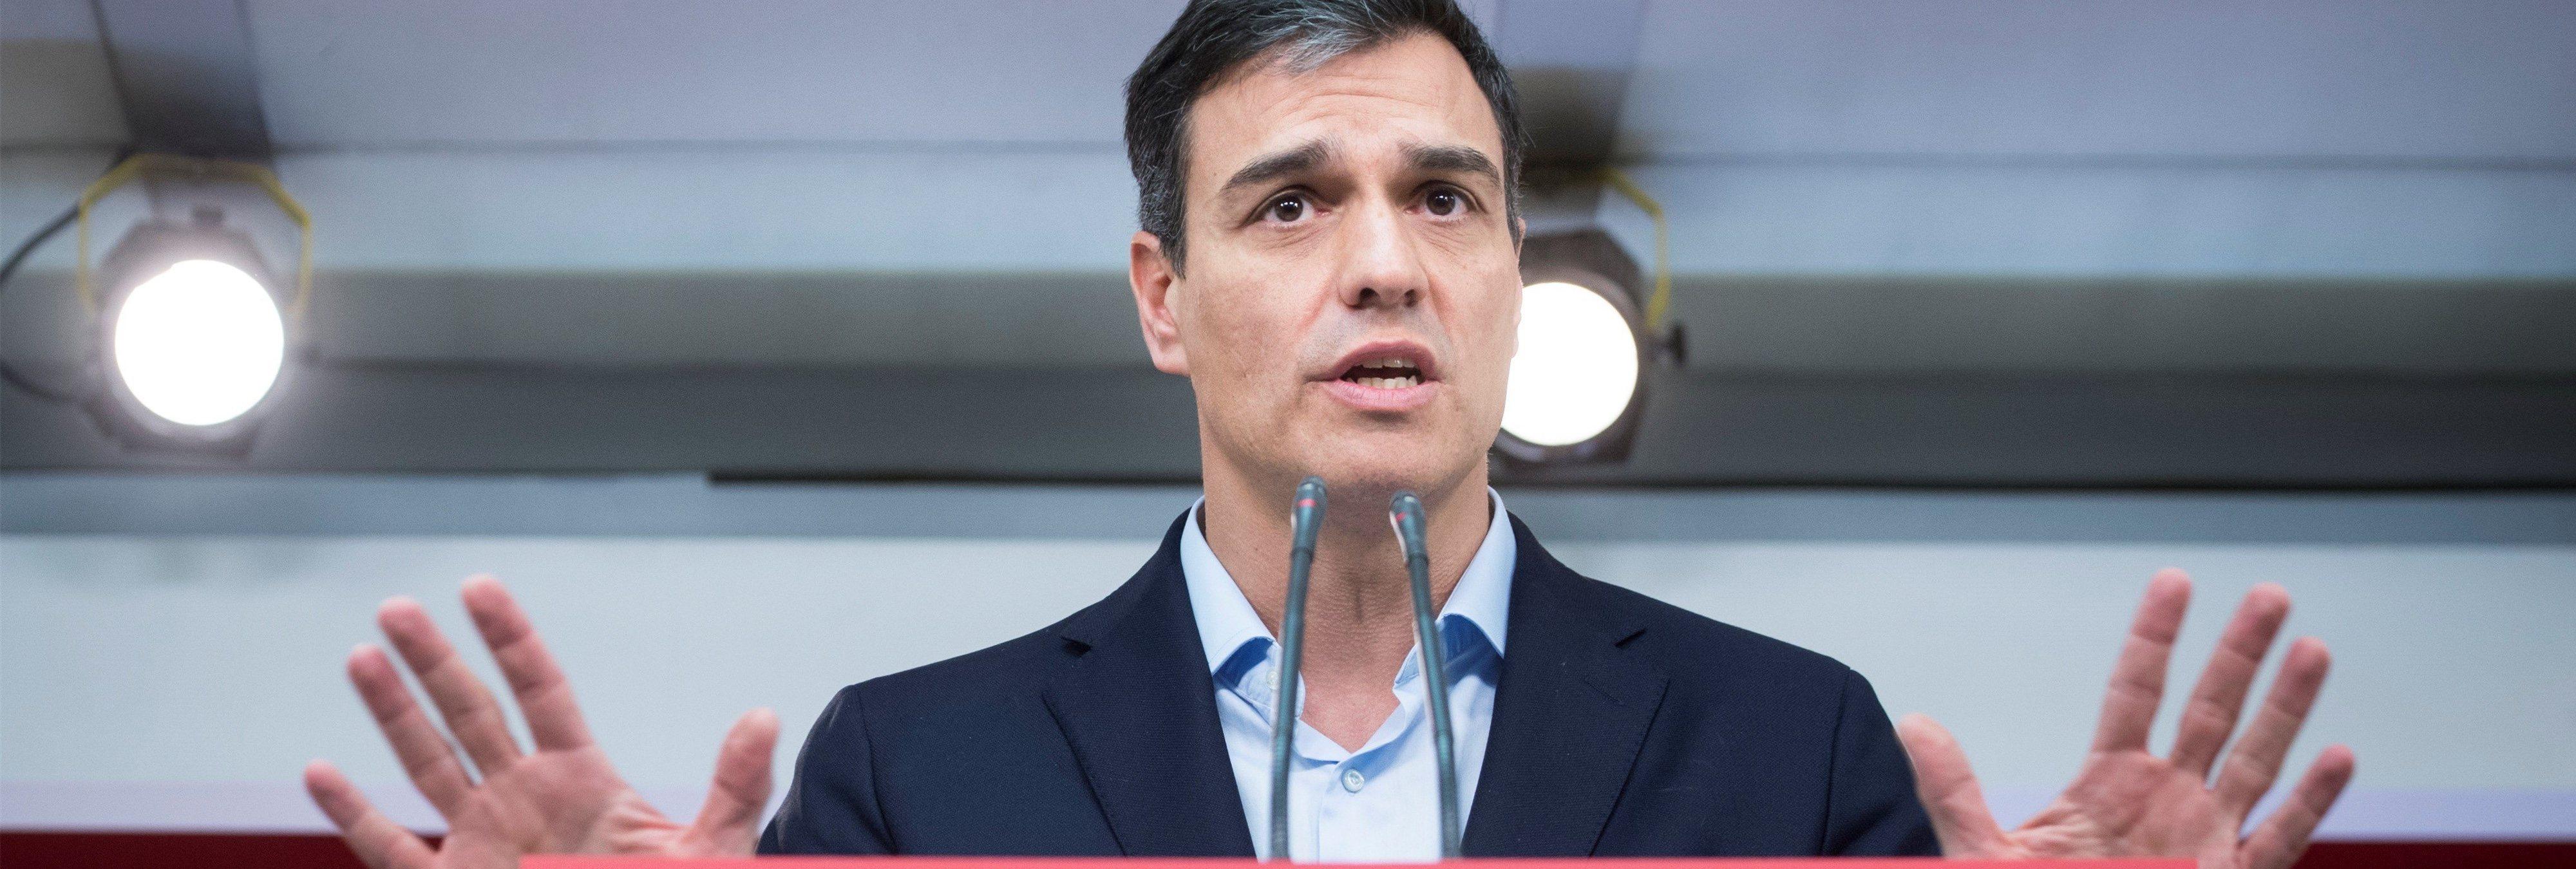 Pedro Sánchez también falseó su currículum